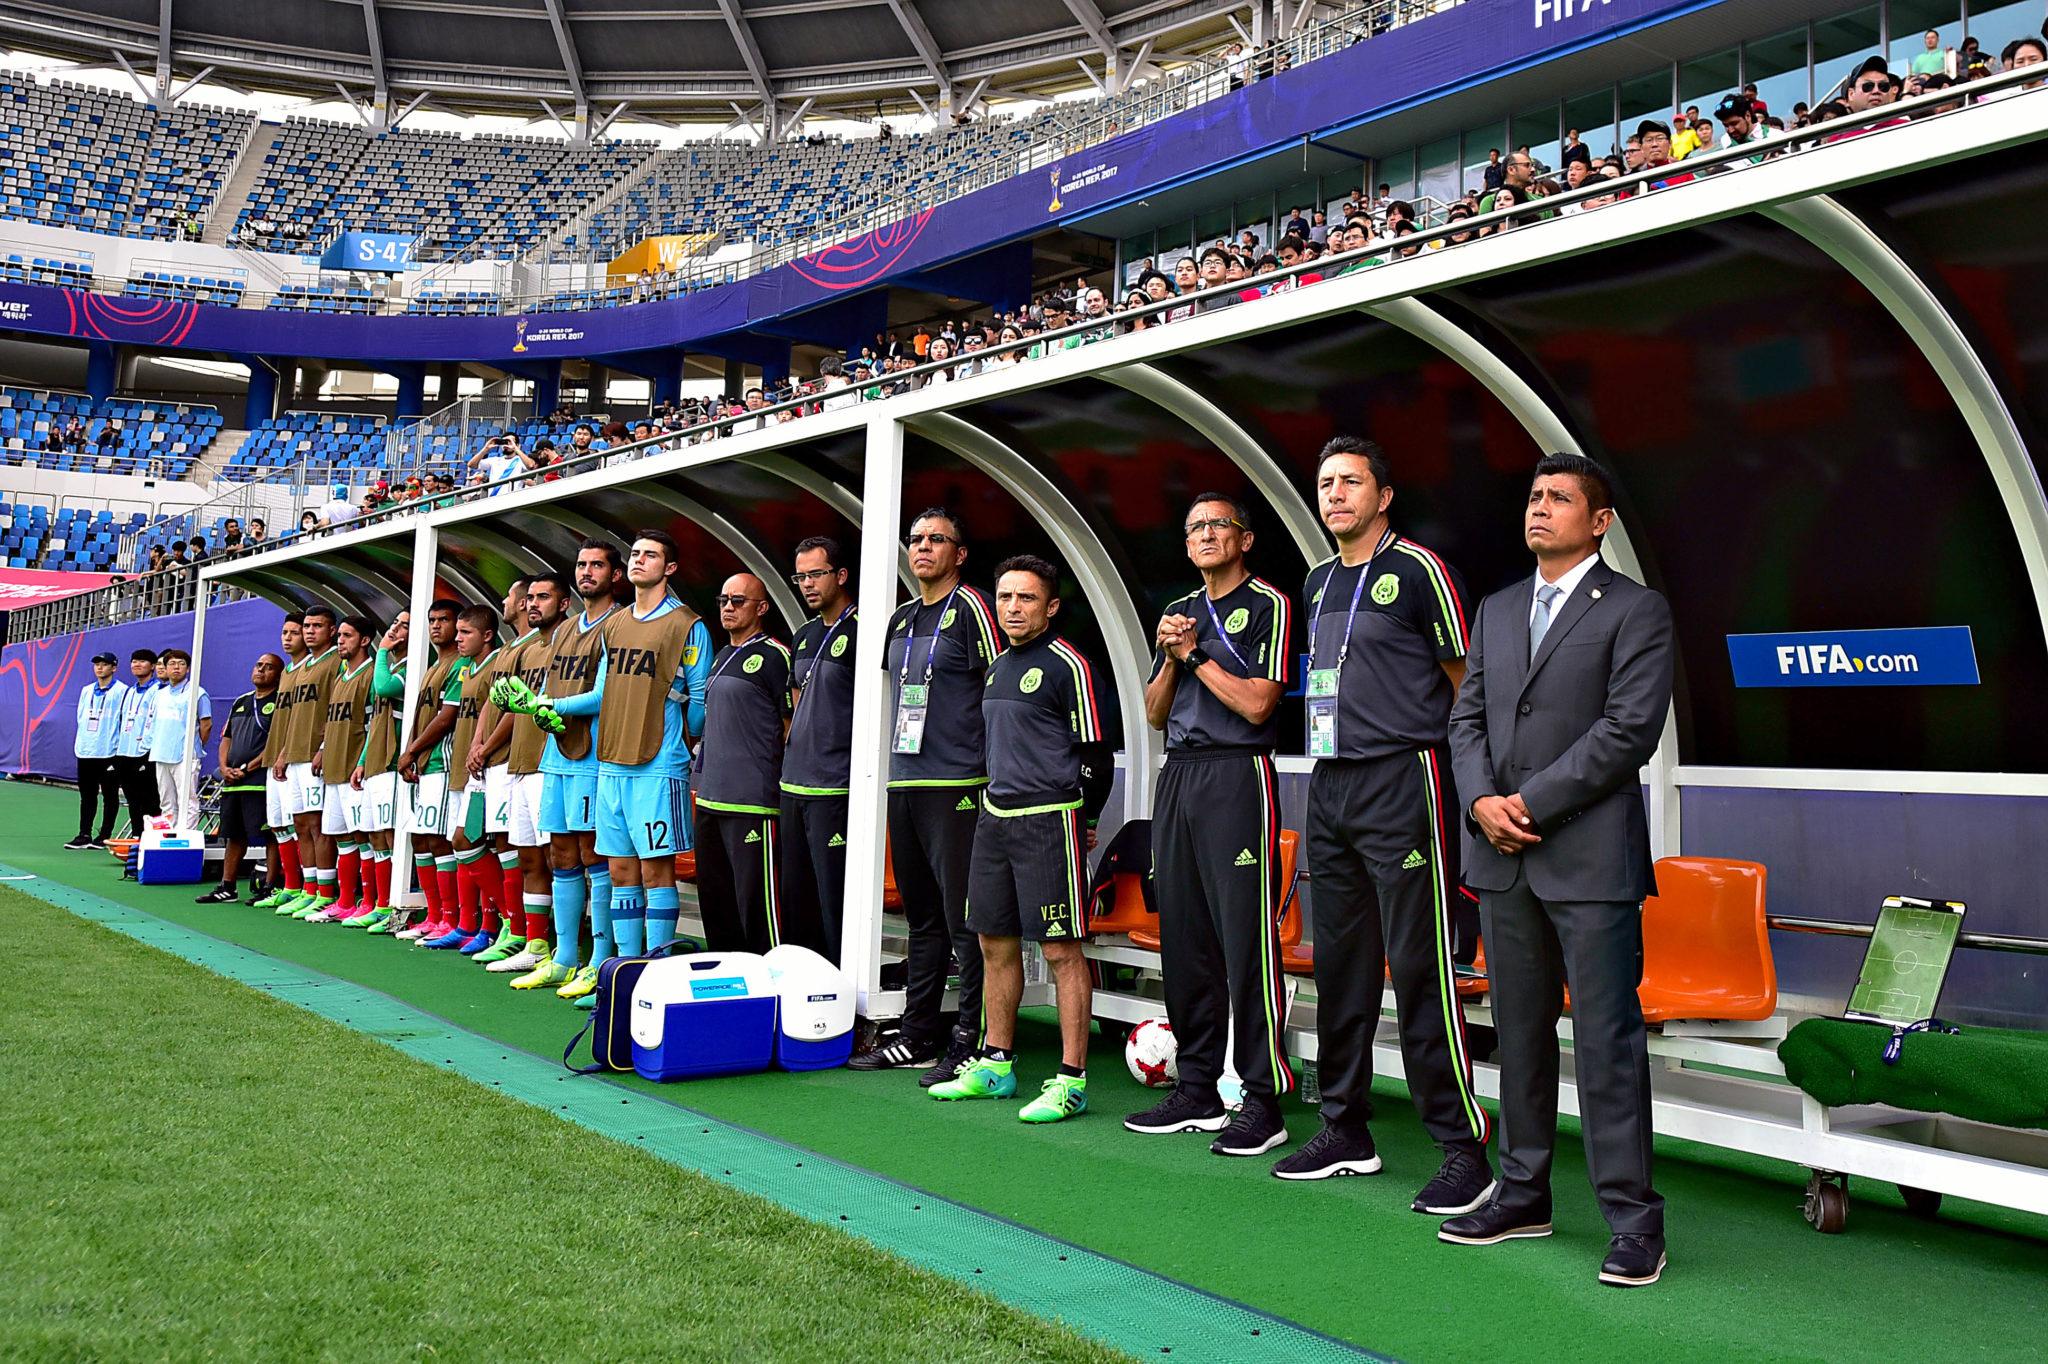 En un Mundial no hay rival fácil: Marco Antonio Ruiz | Mi Seleccion